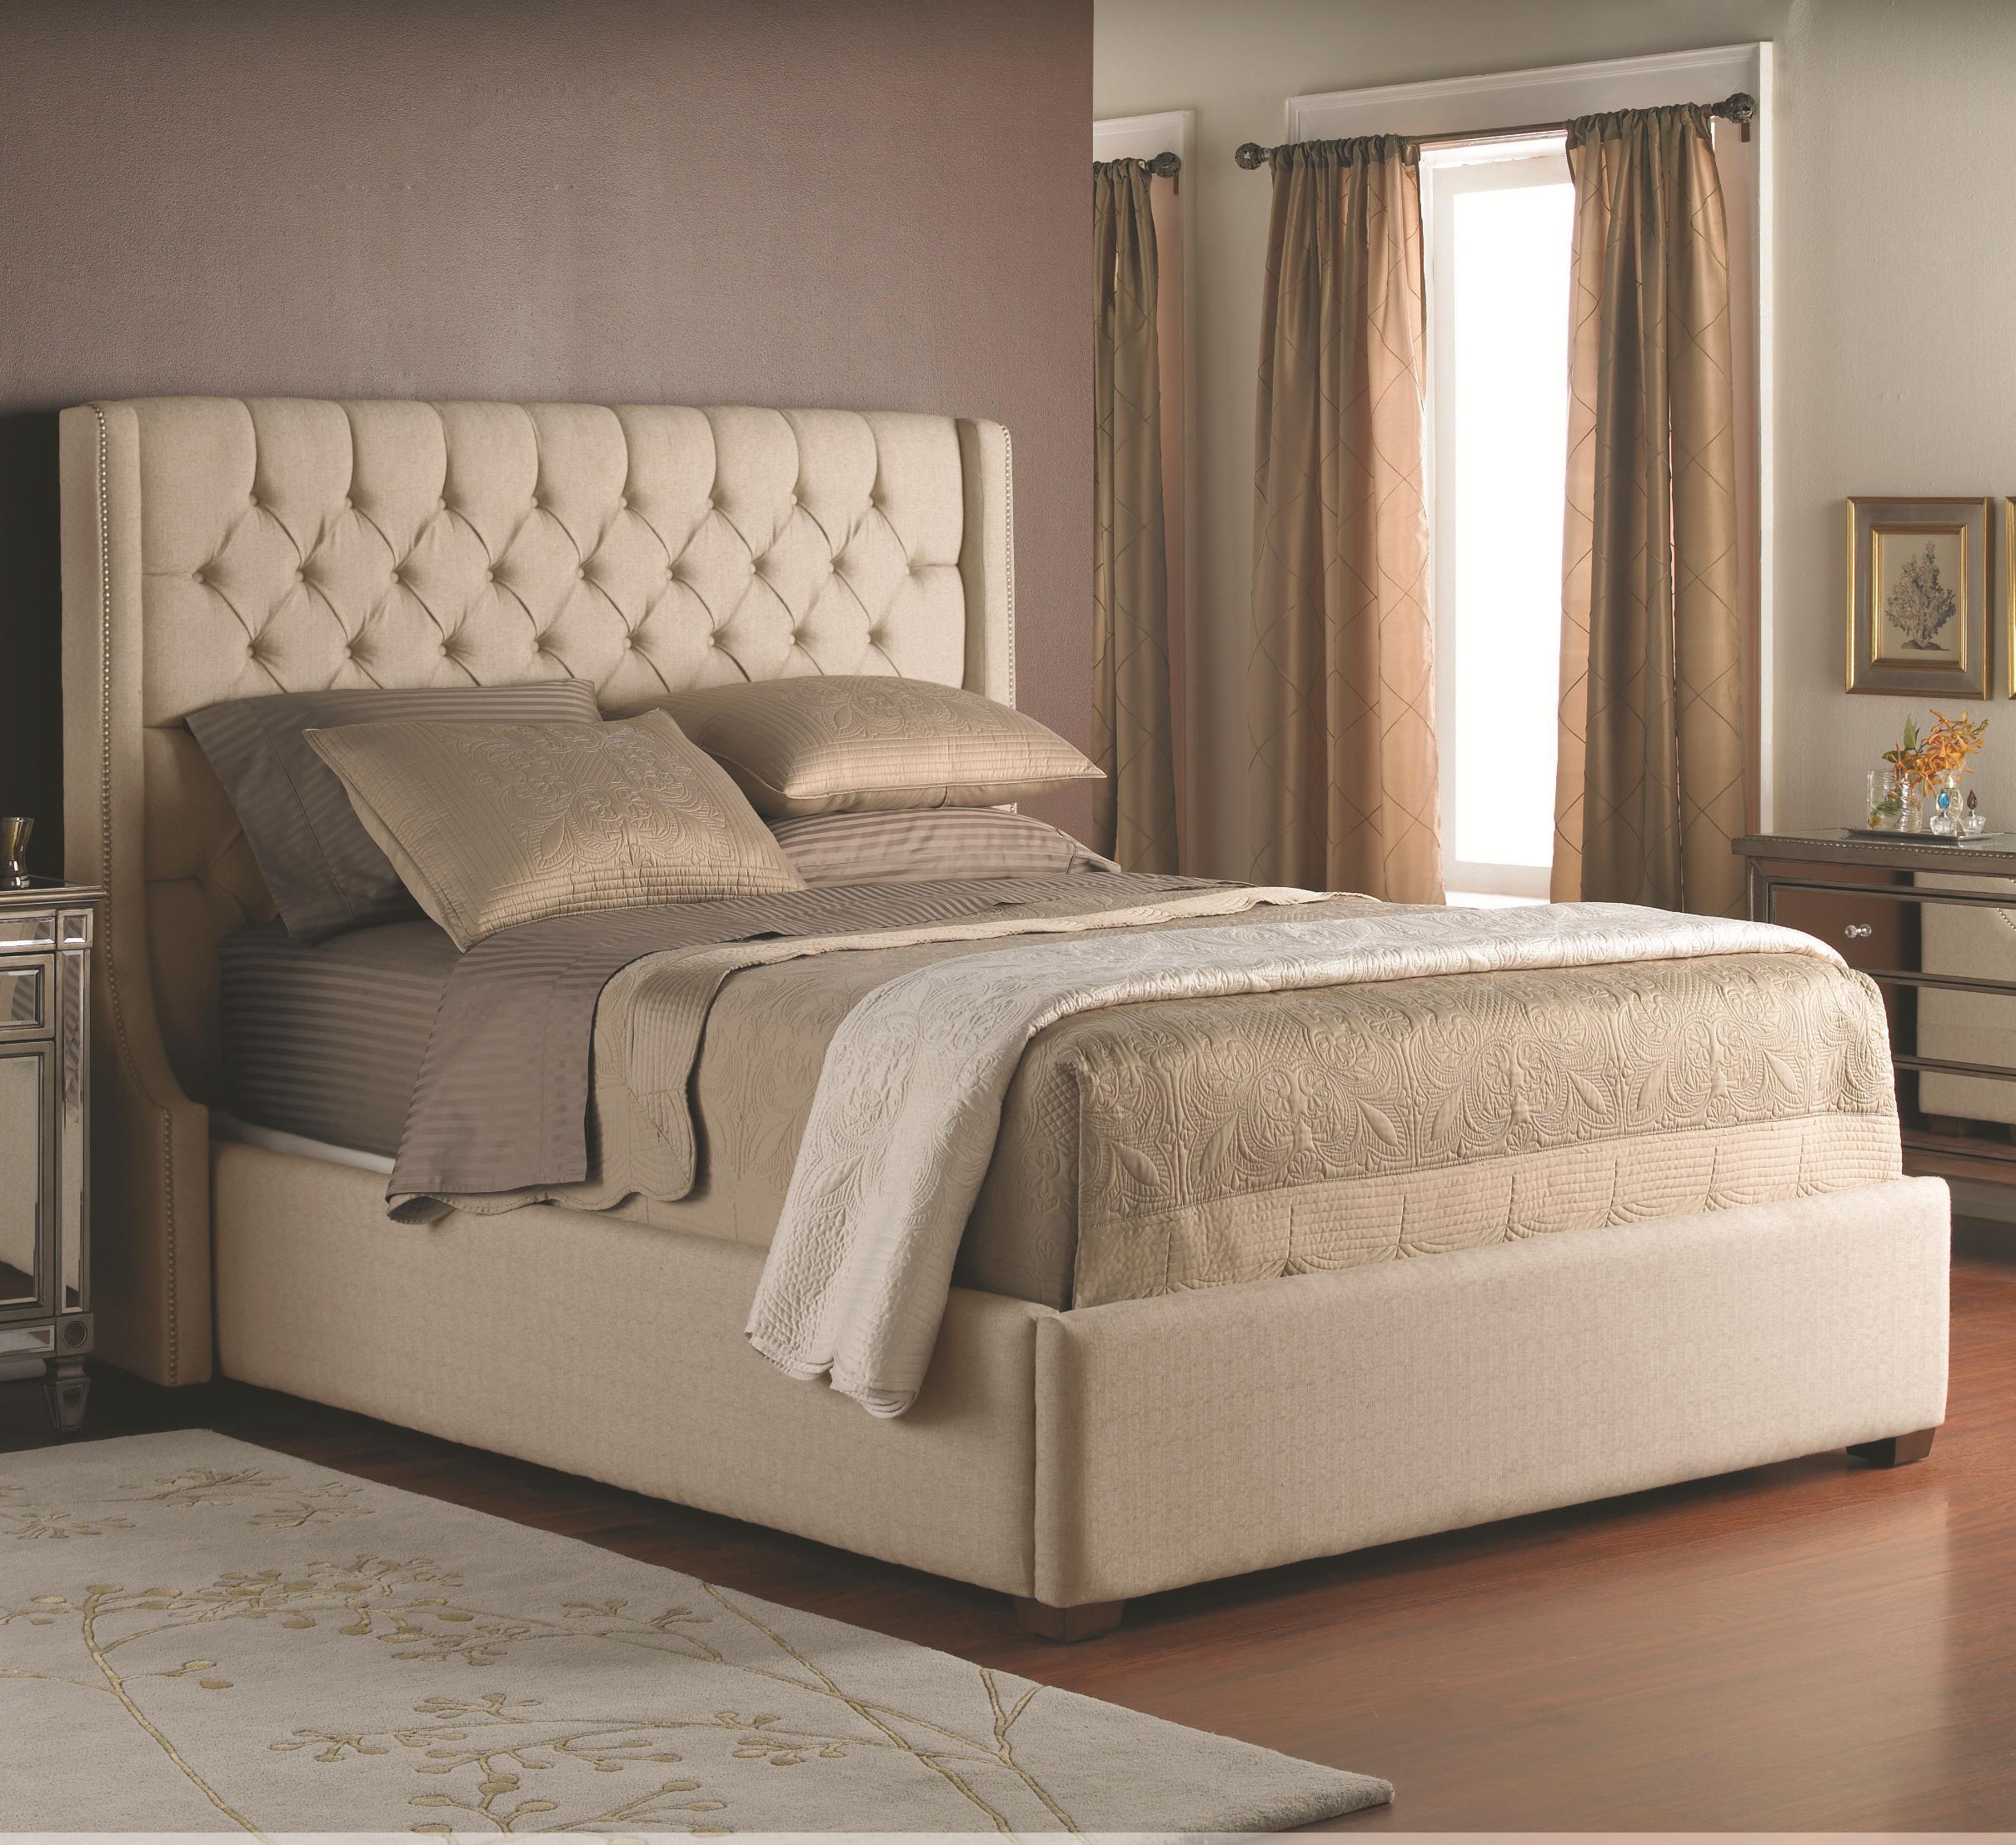 Decor Rest Beds